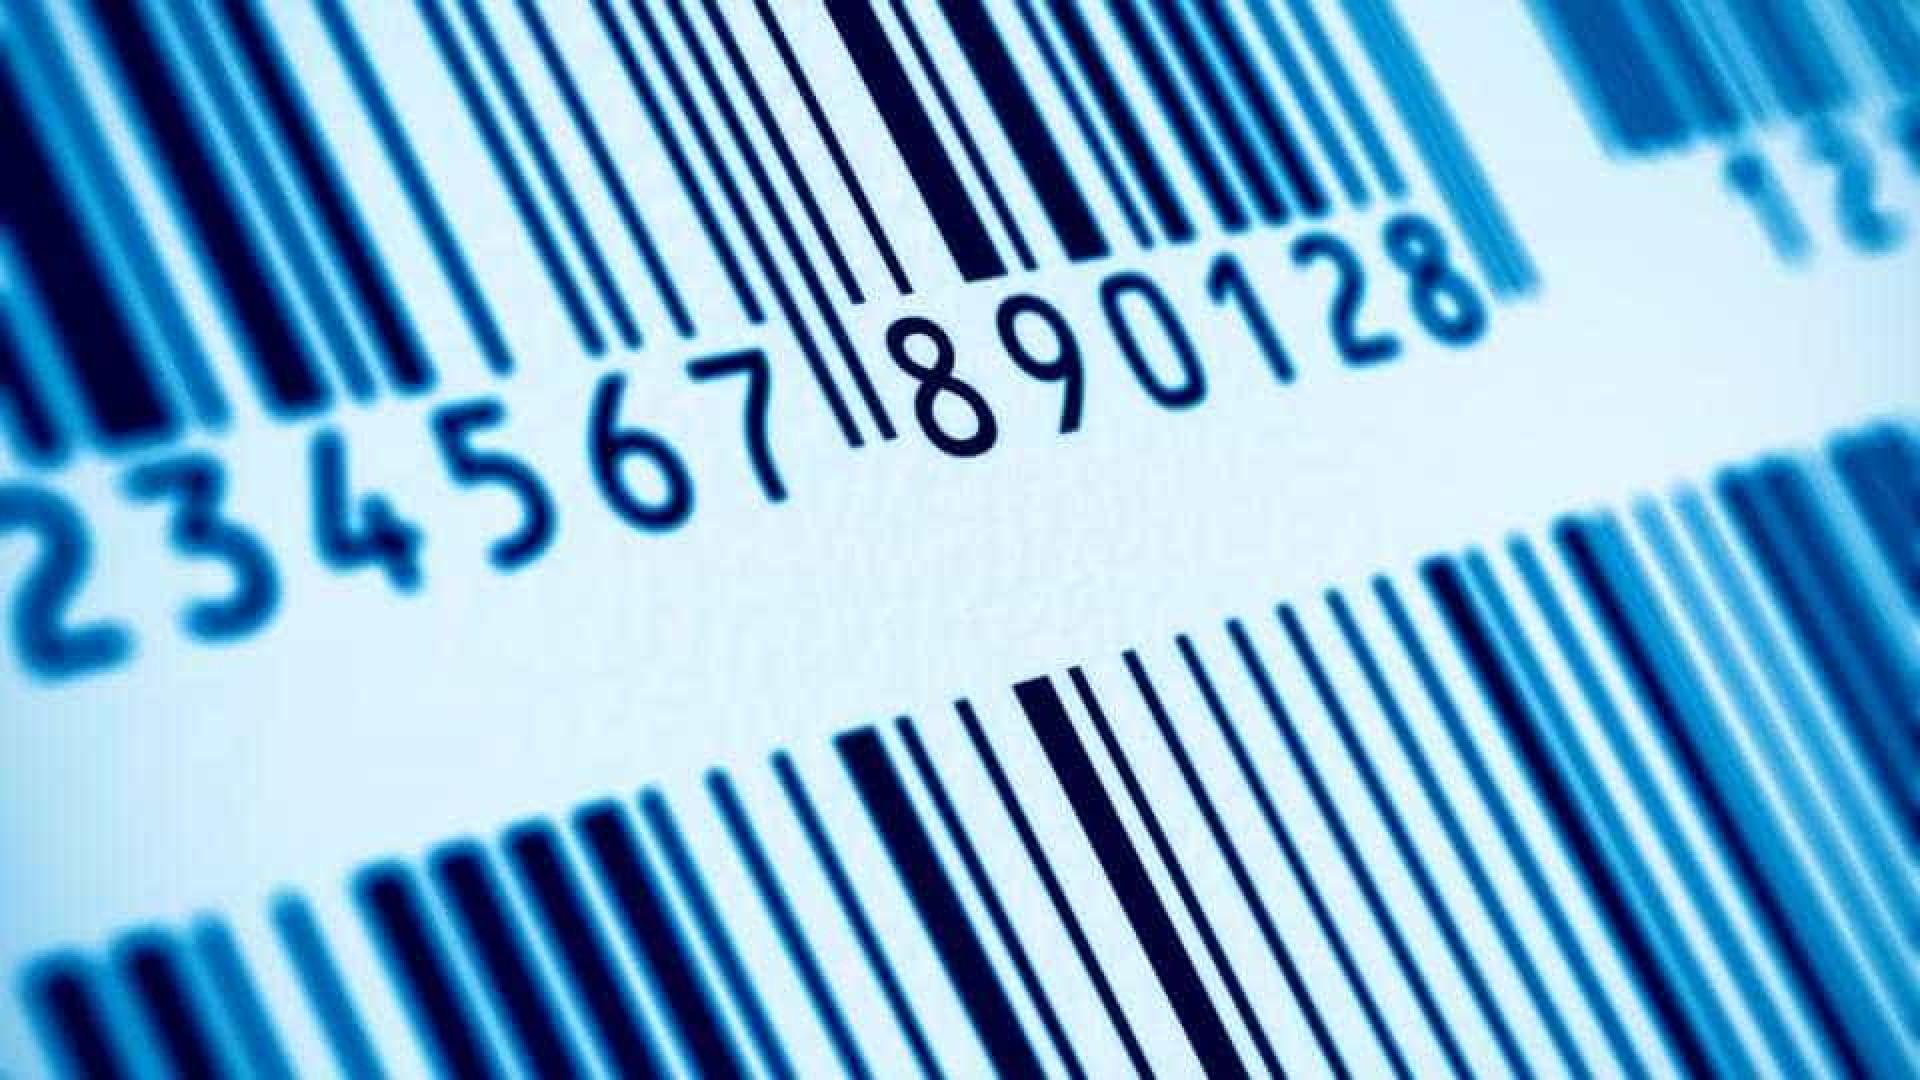 Corretoras poderão atuar com pagamentos de boletos a partir dehoje